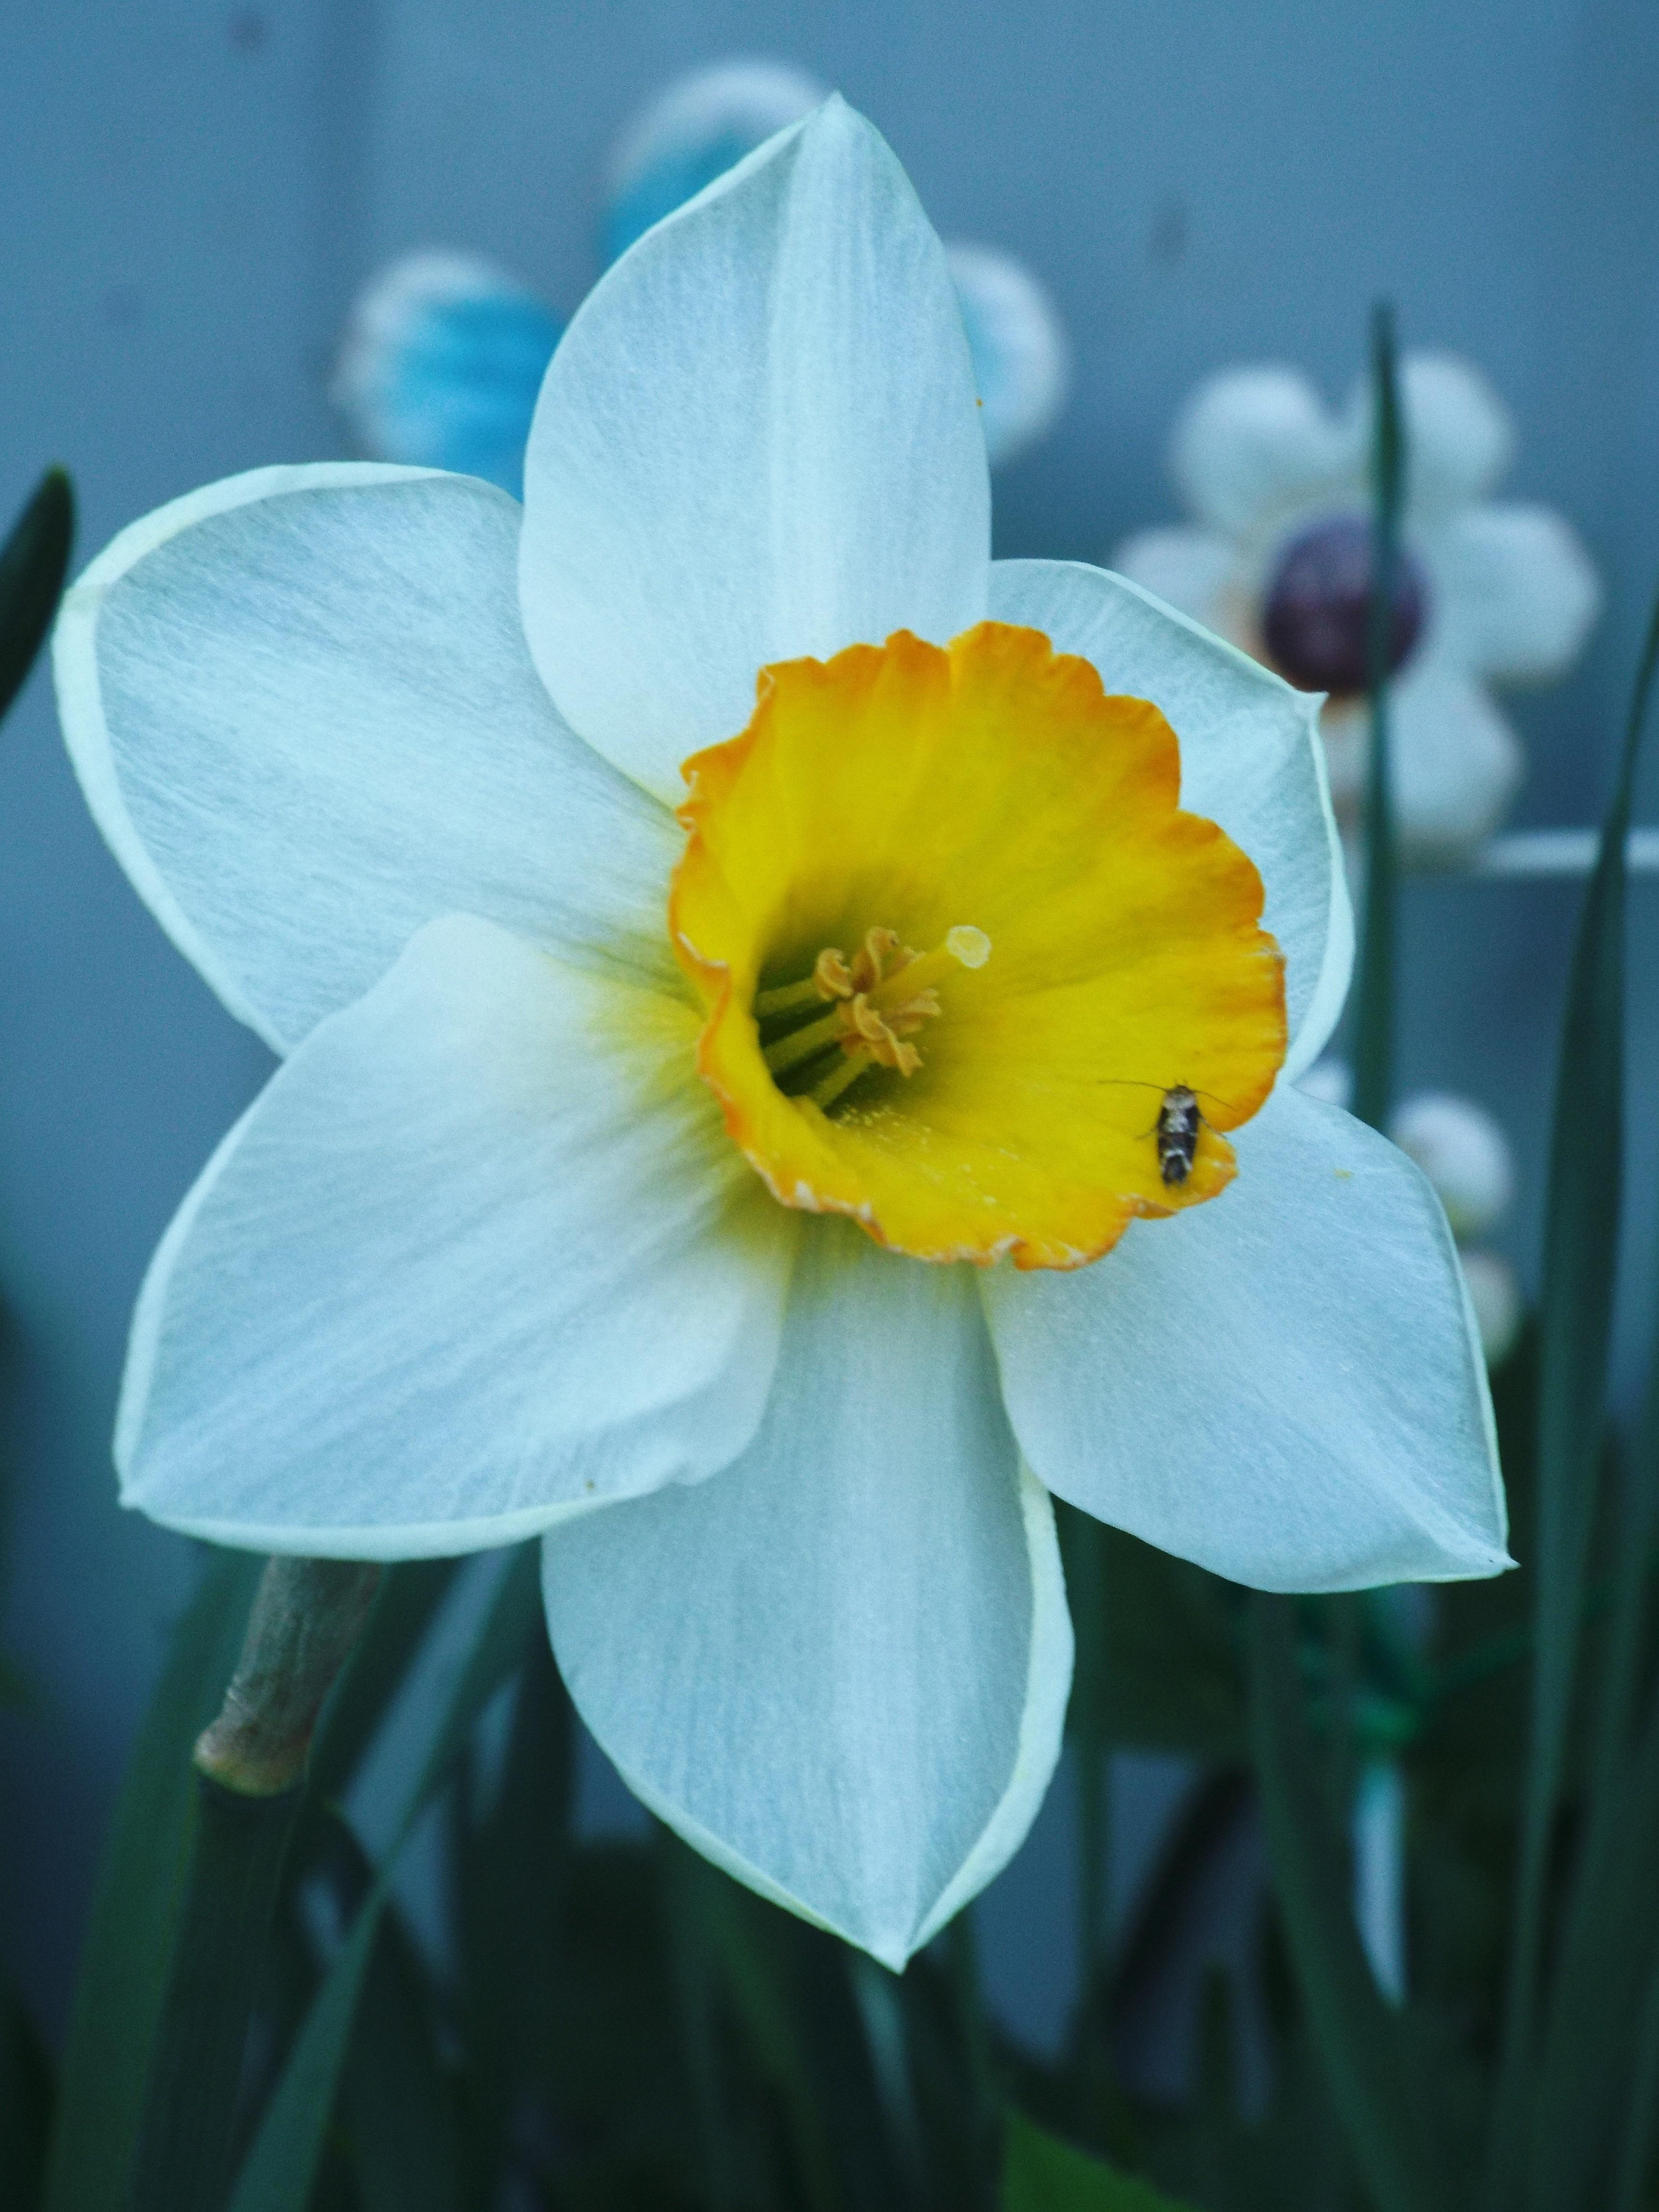 Картинки цветка нарцисса